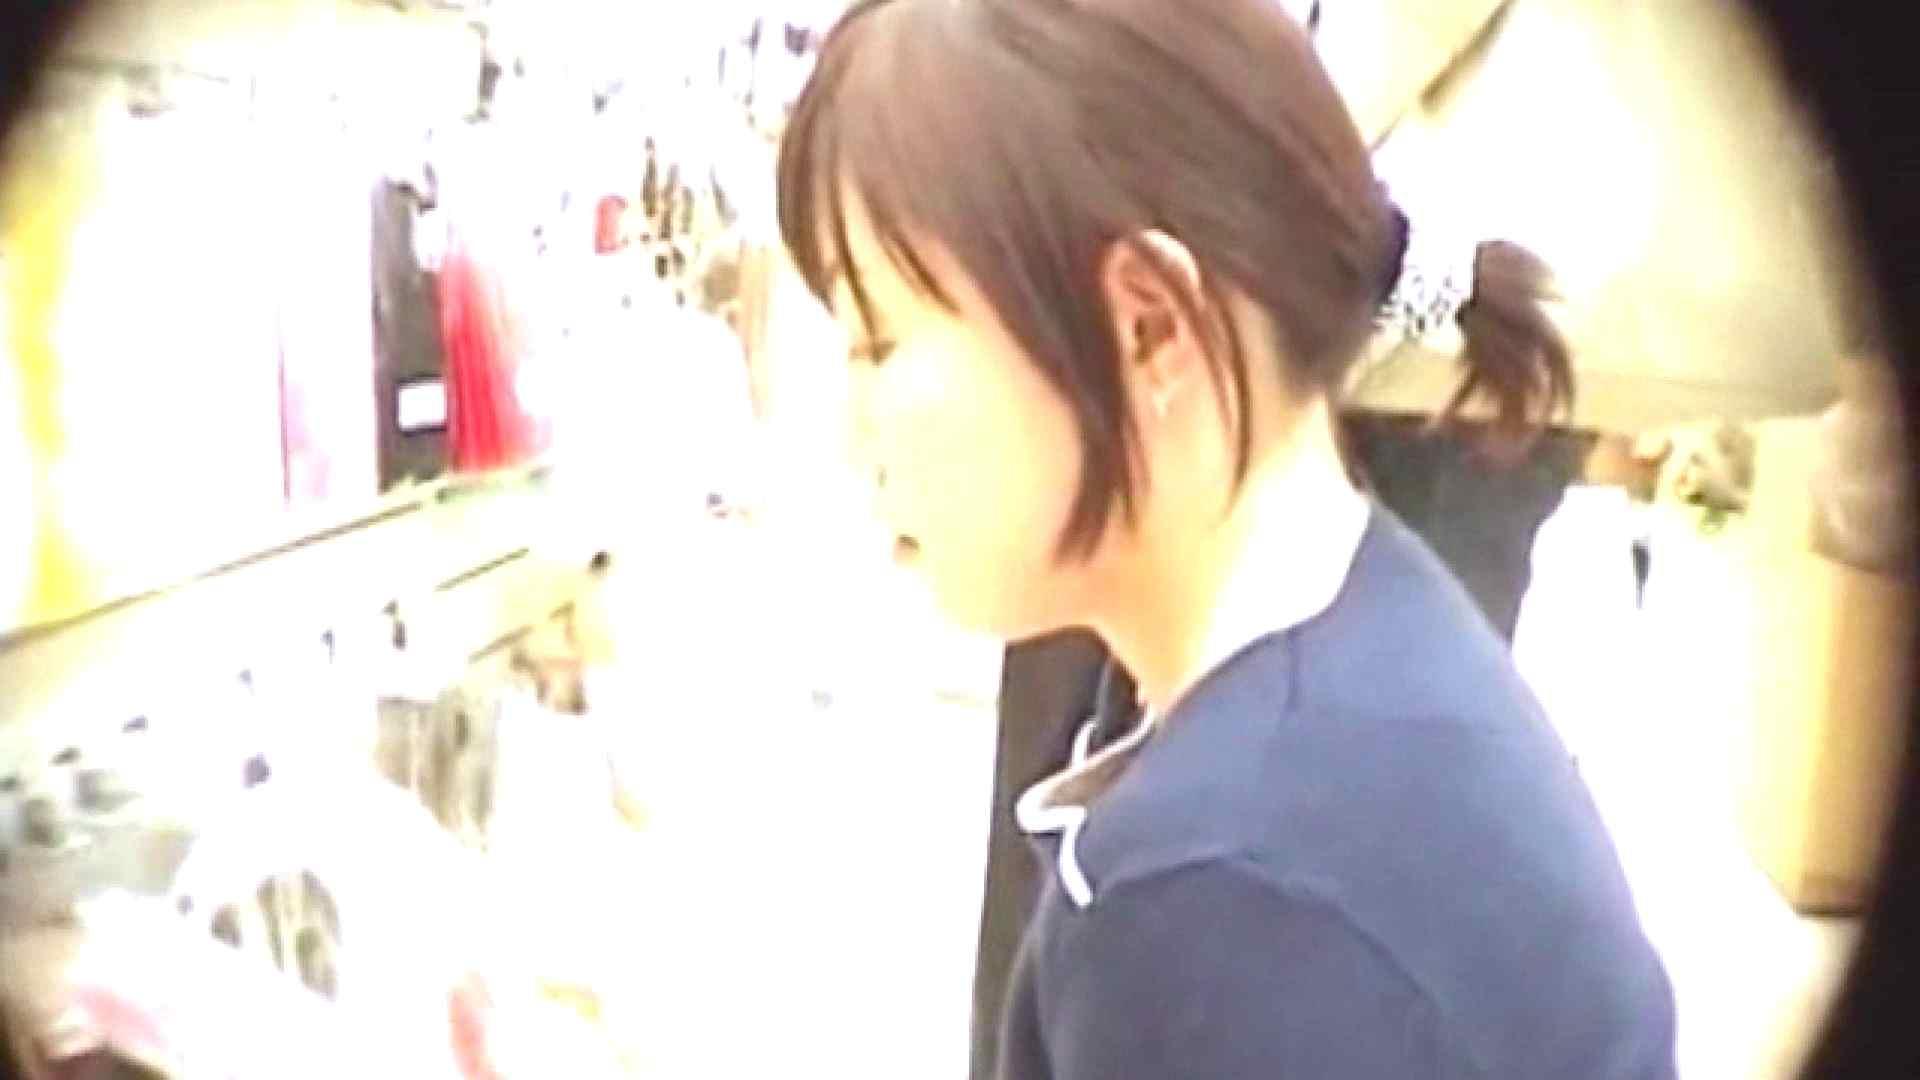 真剣に買い物中のgal達を上から下から狙います。vol.03 JK ワレメ動画紹介 110pic 24